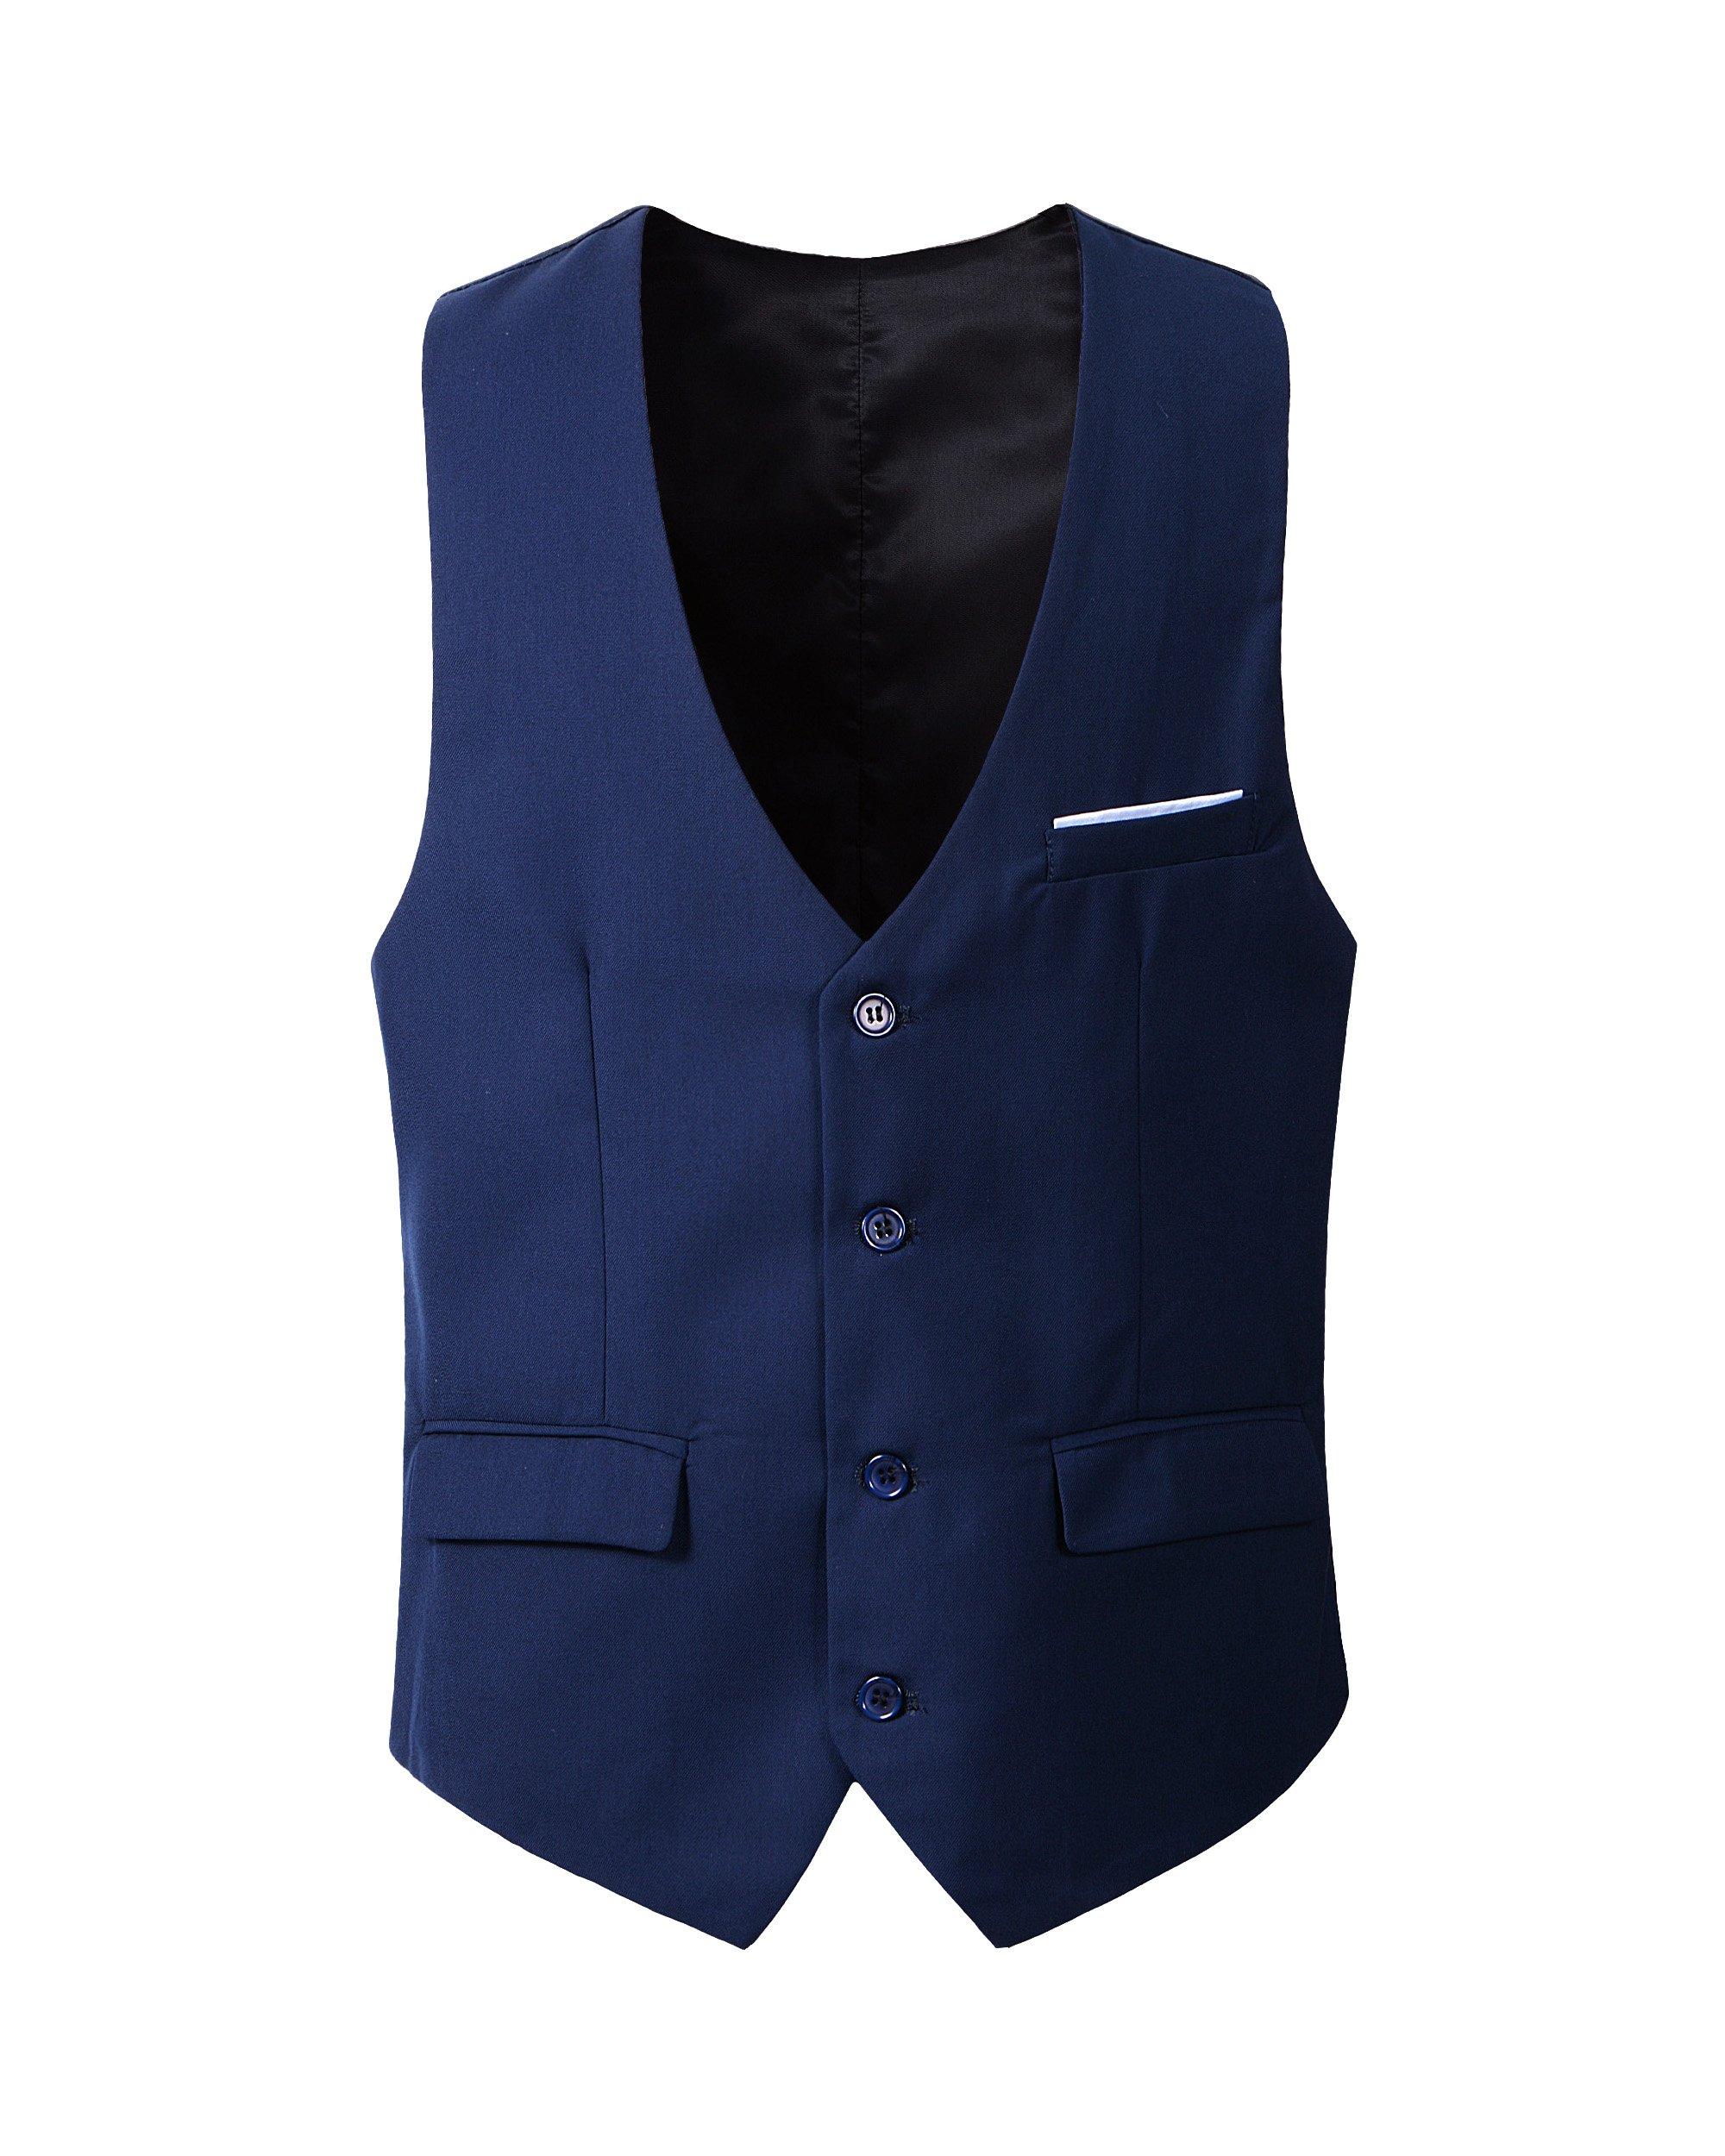 Benibos Men's Slim Fit Suit Vest (M, 305MJ-Navy)